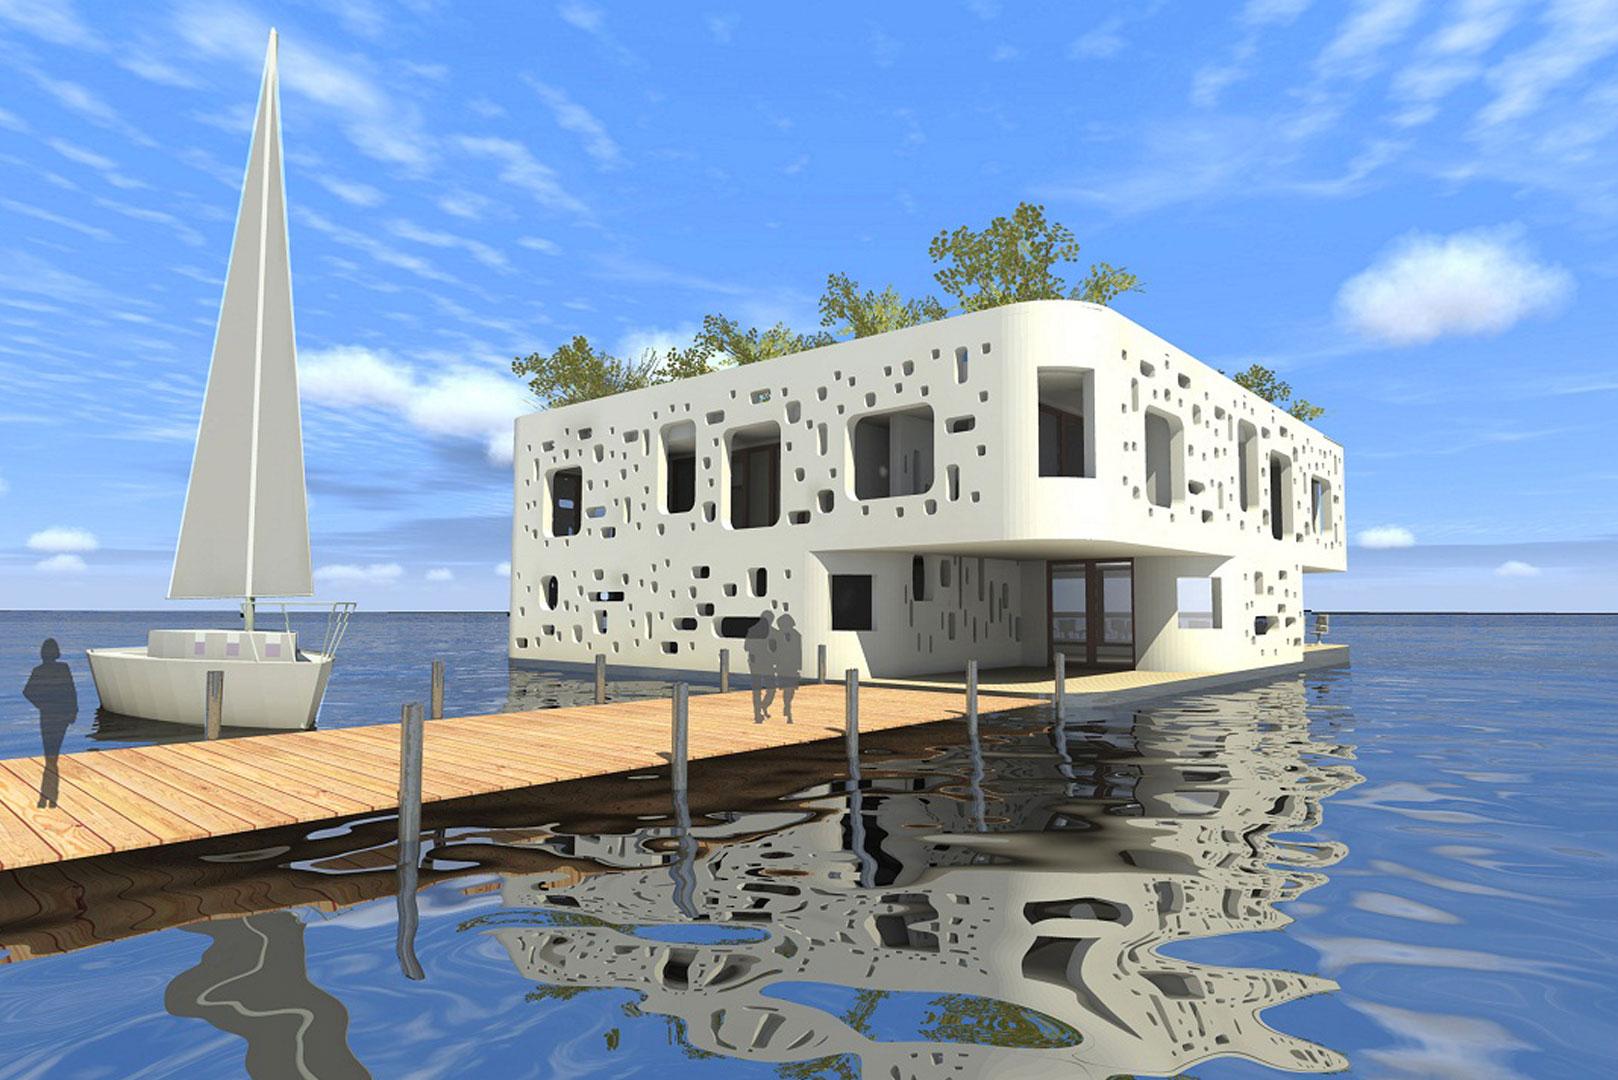 schwimmendes restaurant vor der ersten reihe kaufen restaurant auf dem wasser. Black Bedroom Furniture Sets. Home Design Ideas